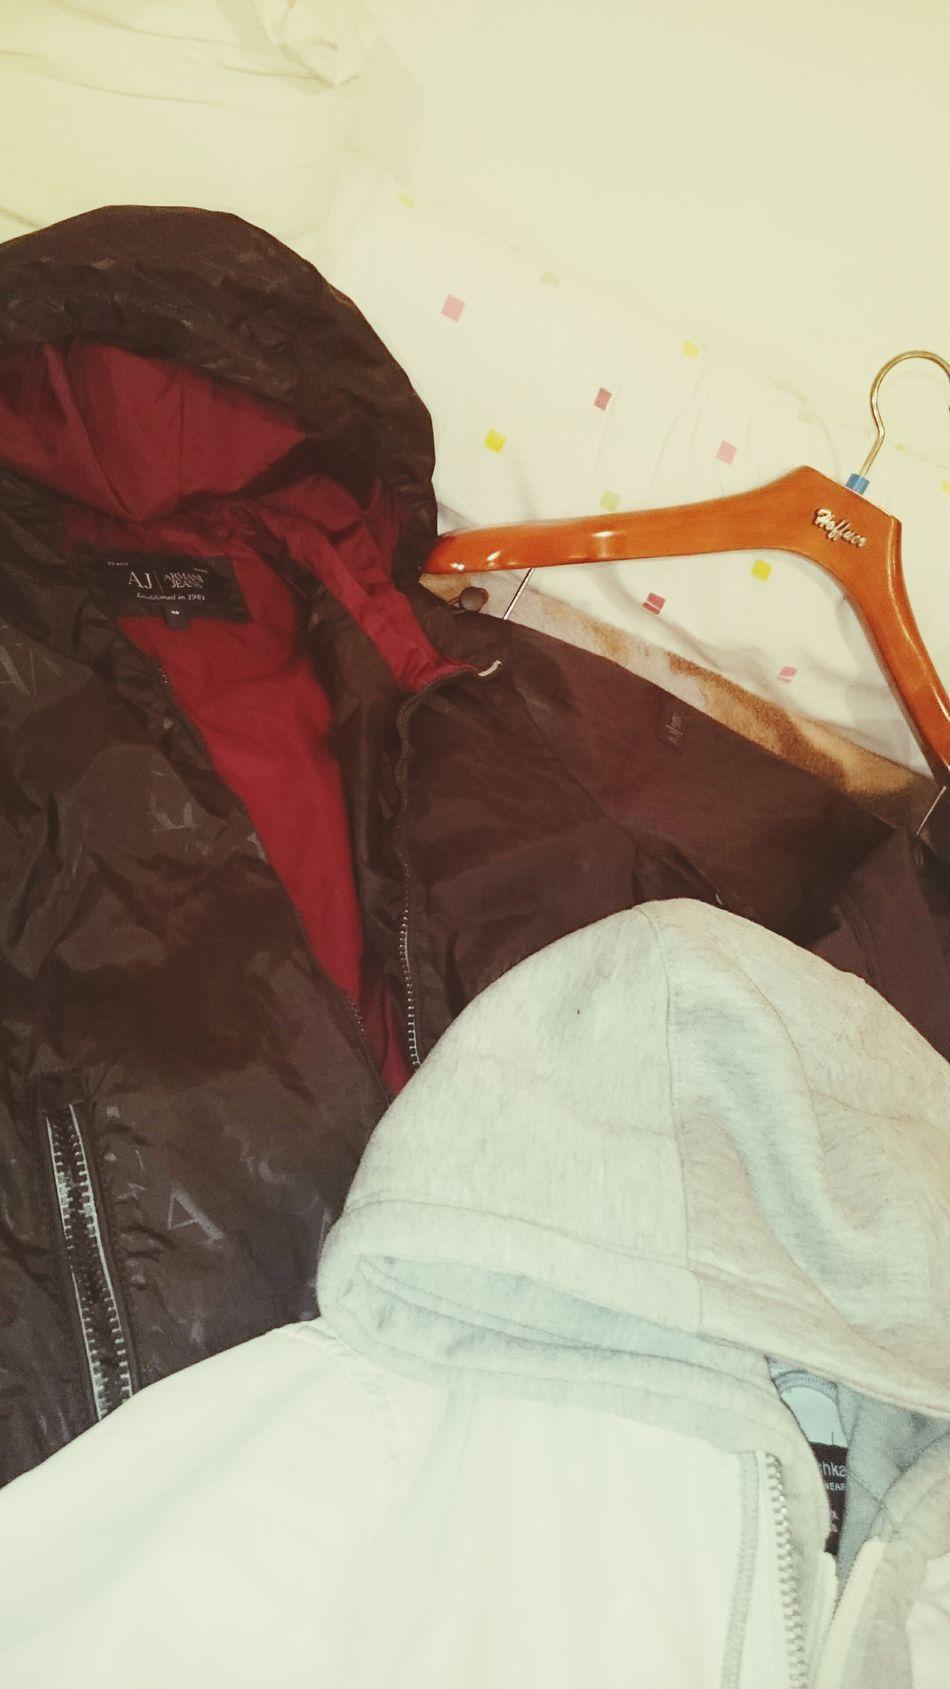 My new Armani❤ collection Giorgio Armani 💎💸💕